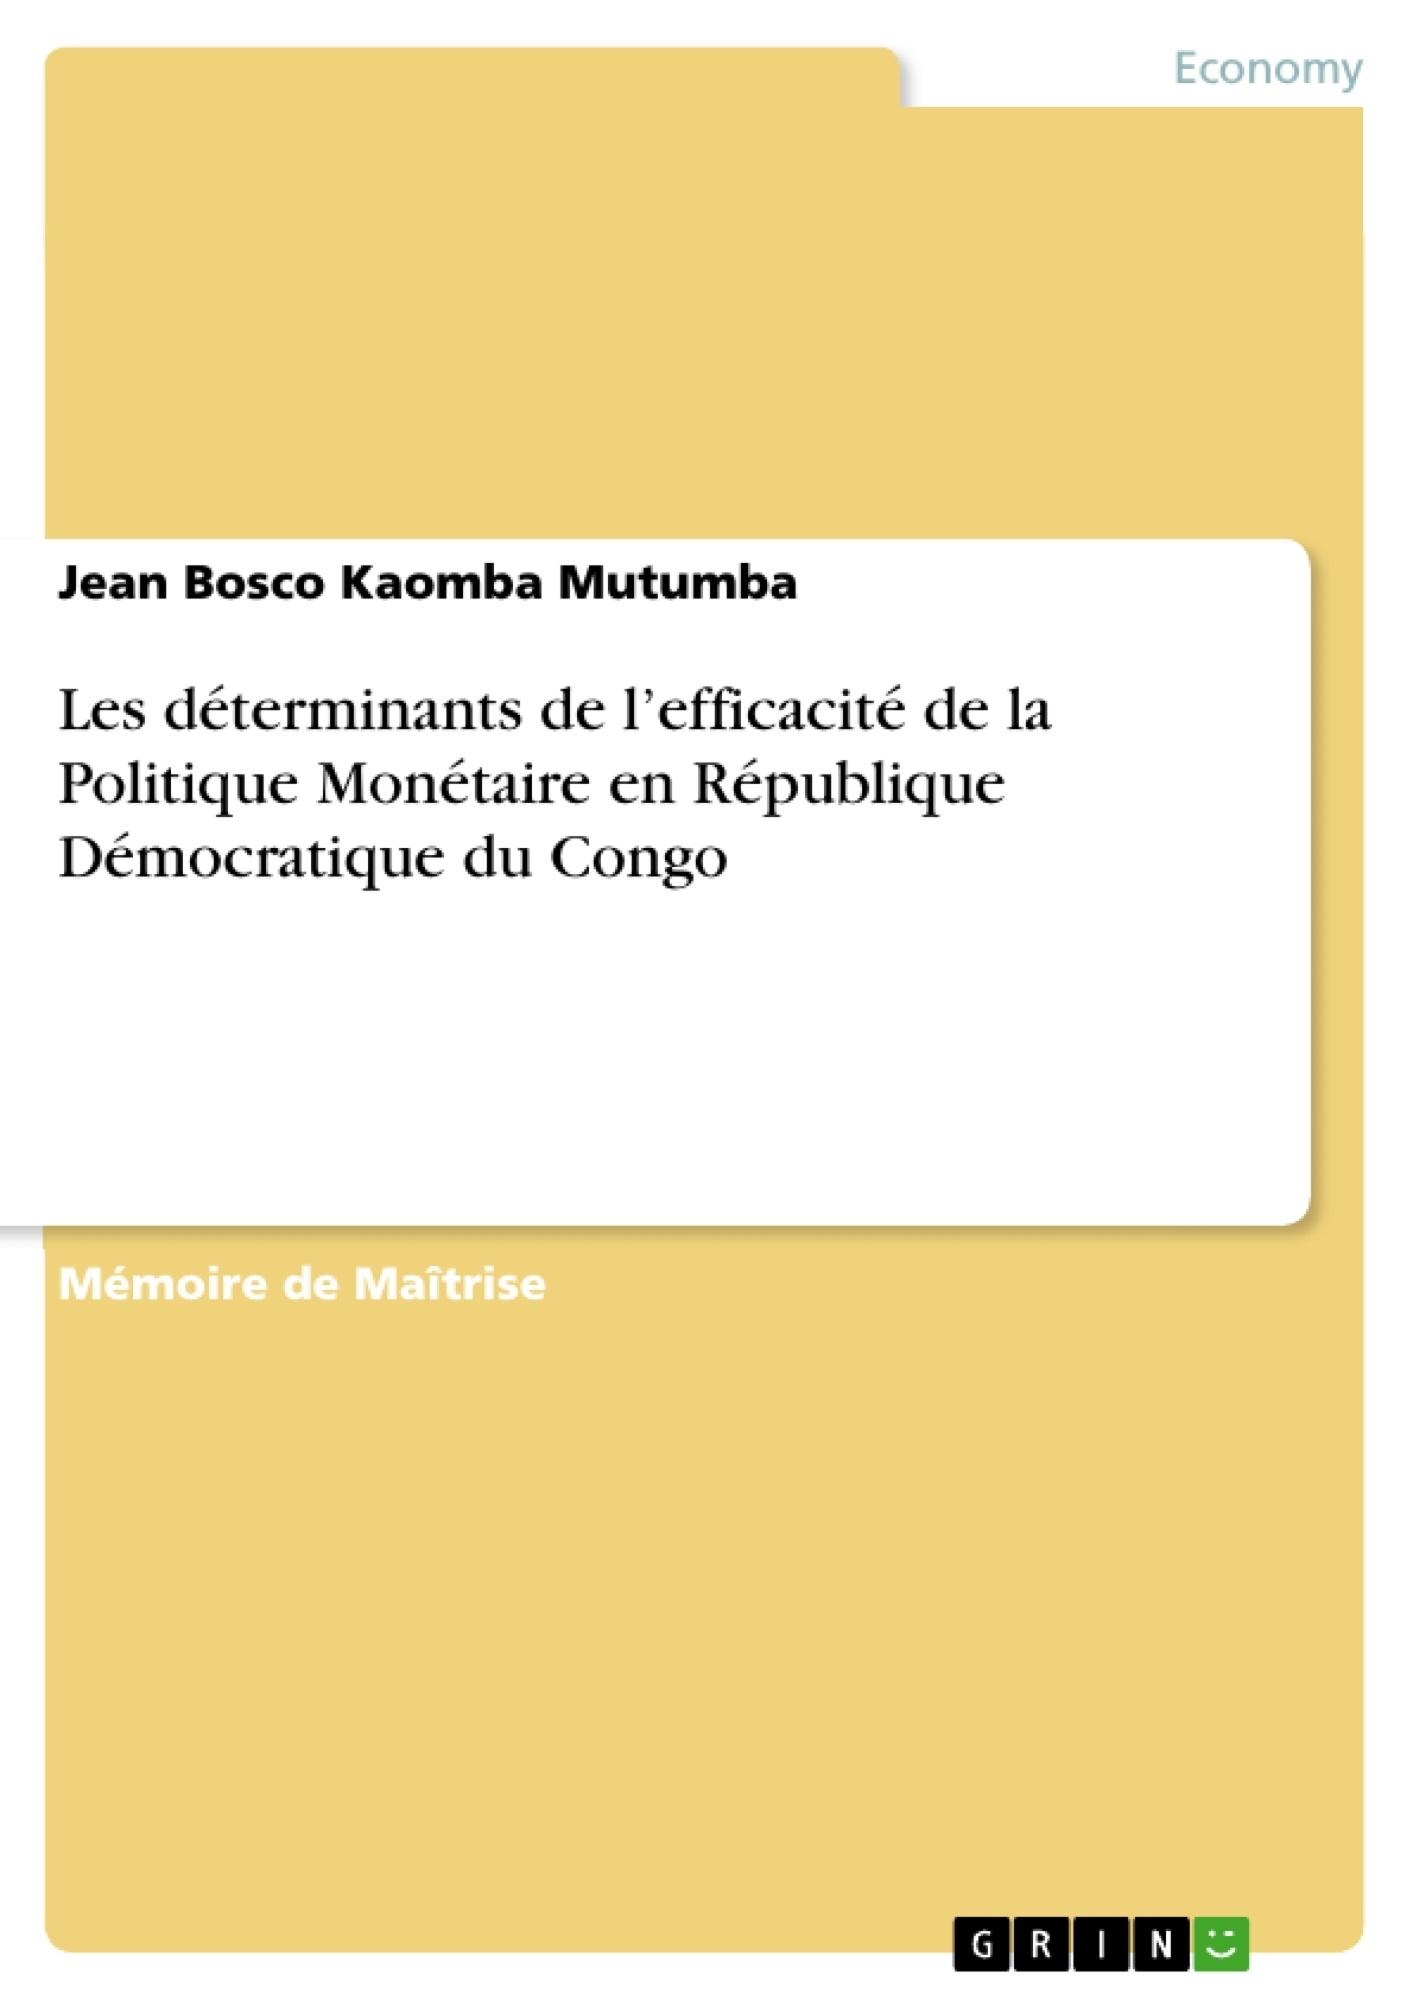 Titre: Les déterminants de l'efficacité de la Politique Monétaire en République Démocratique du Congo